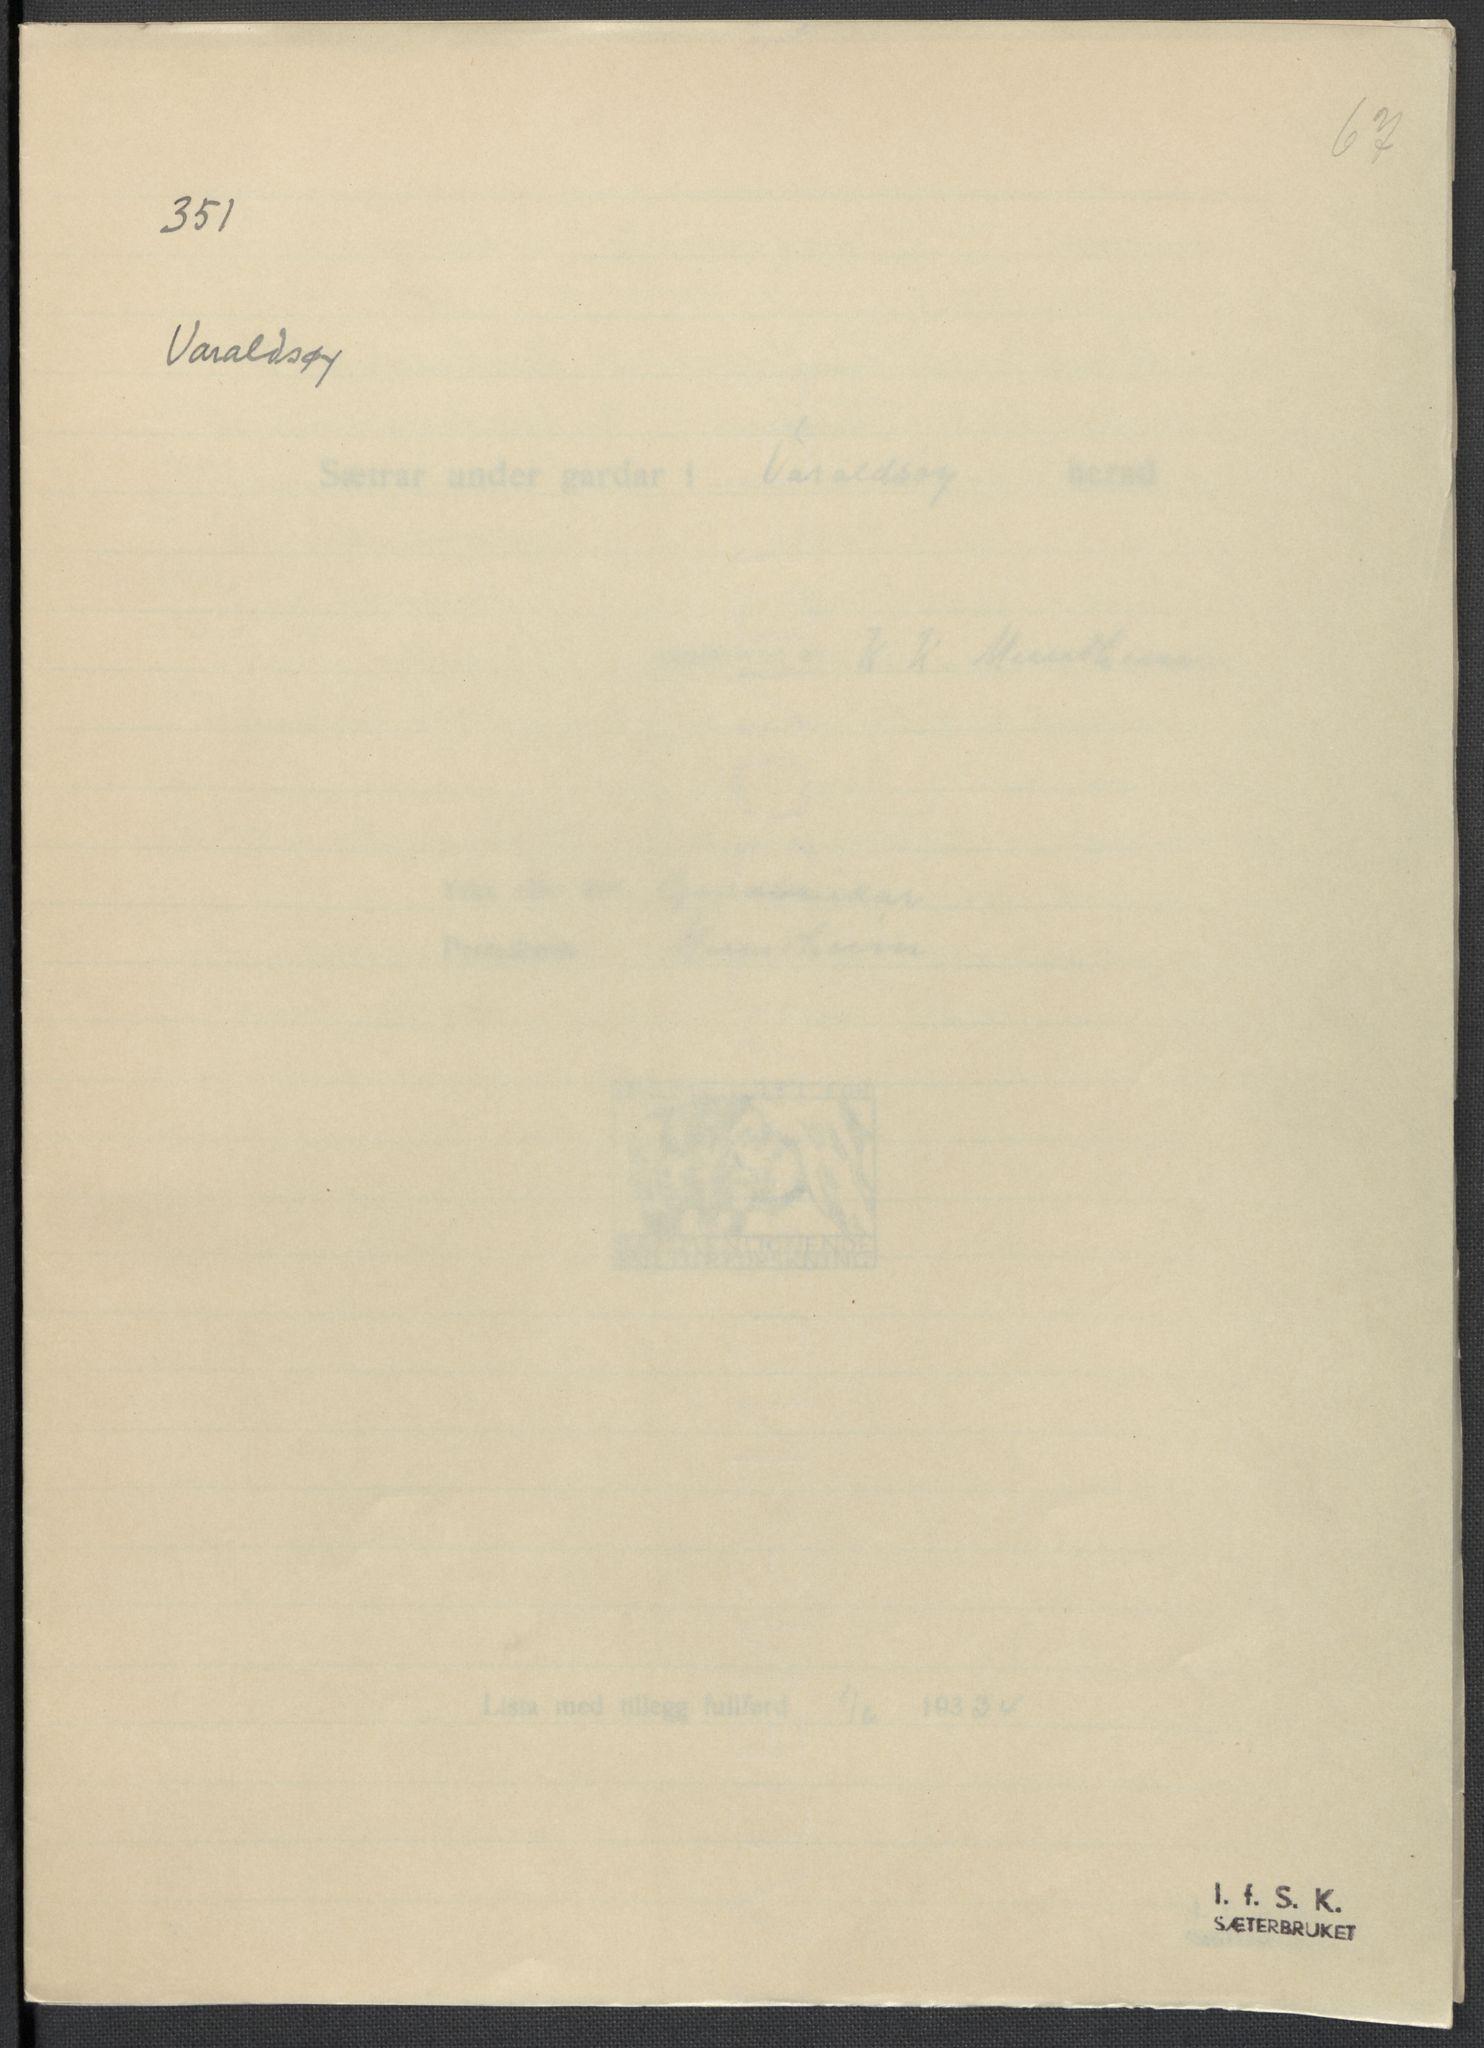 RA, Instituttet for sammenlignende kulturforskning, F/Fc/L0010: Eske B10:, 1932-1935, s. 67